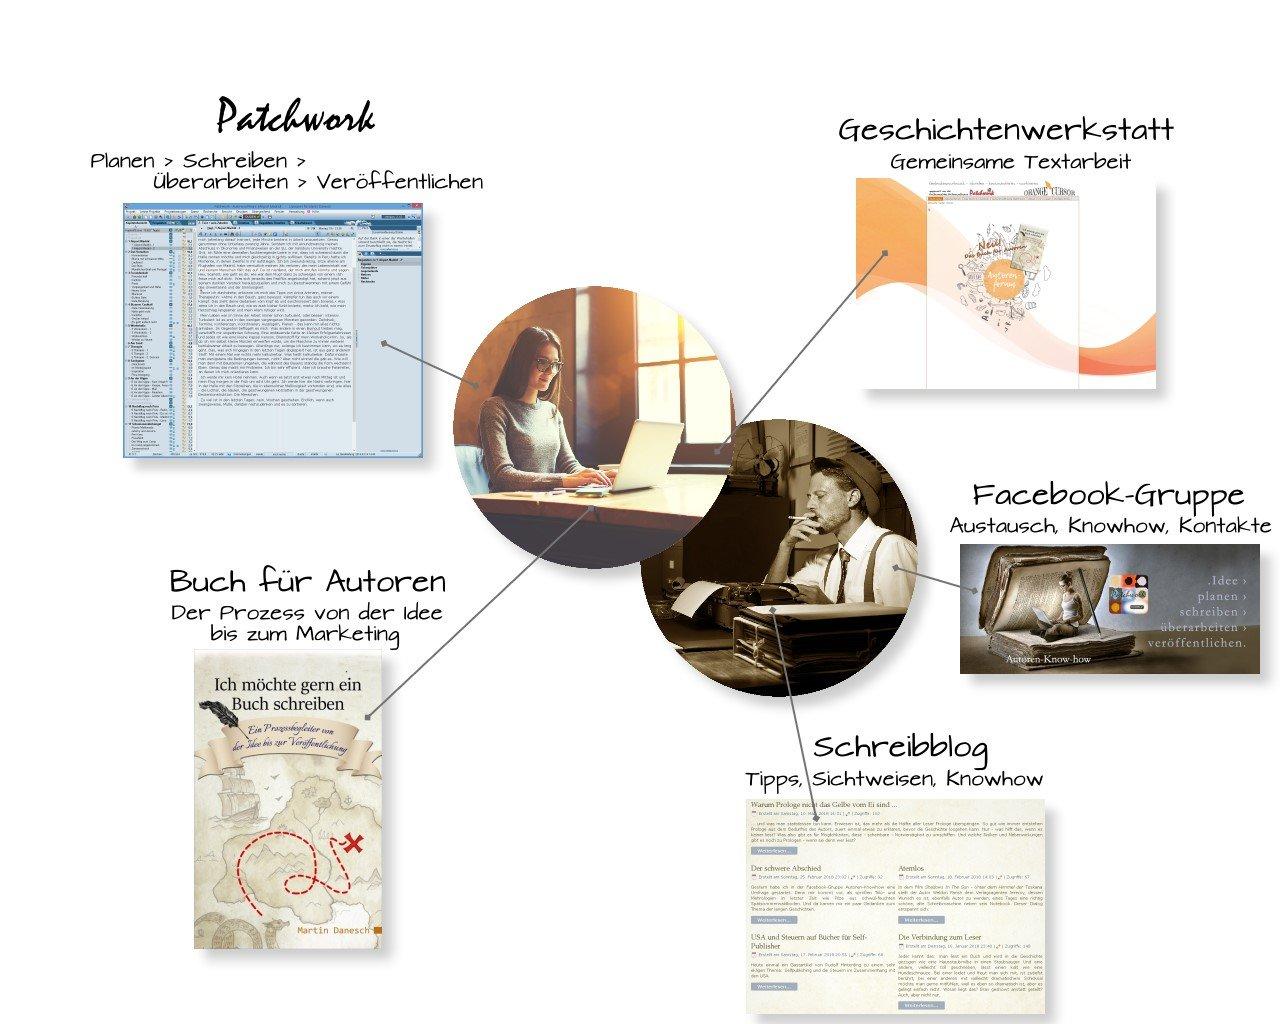 Gemütlich Schreibe Eine Buchvorlage Fotos - Beispielzusammenfassung ...